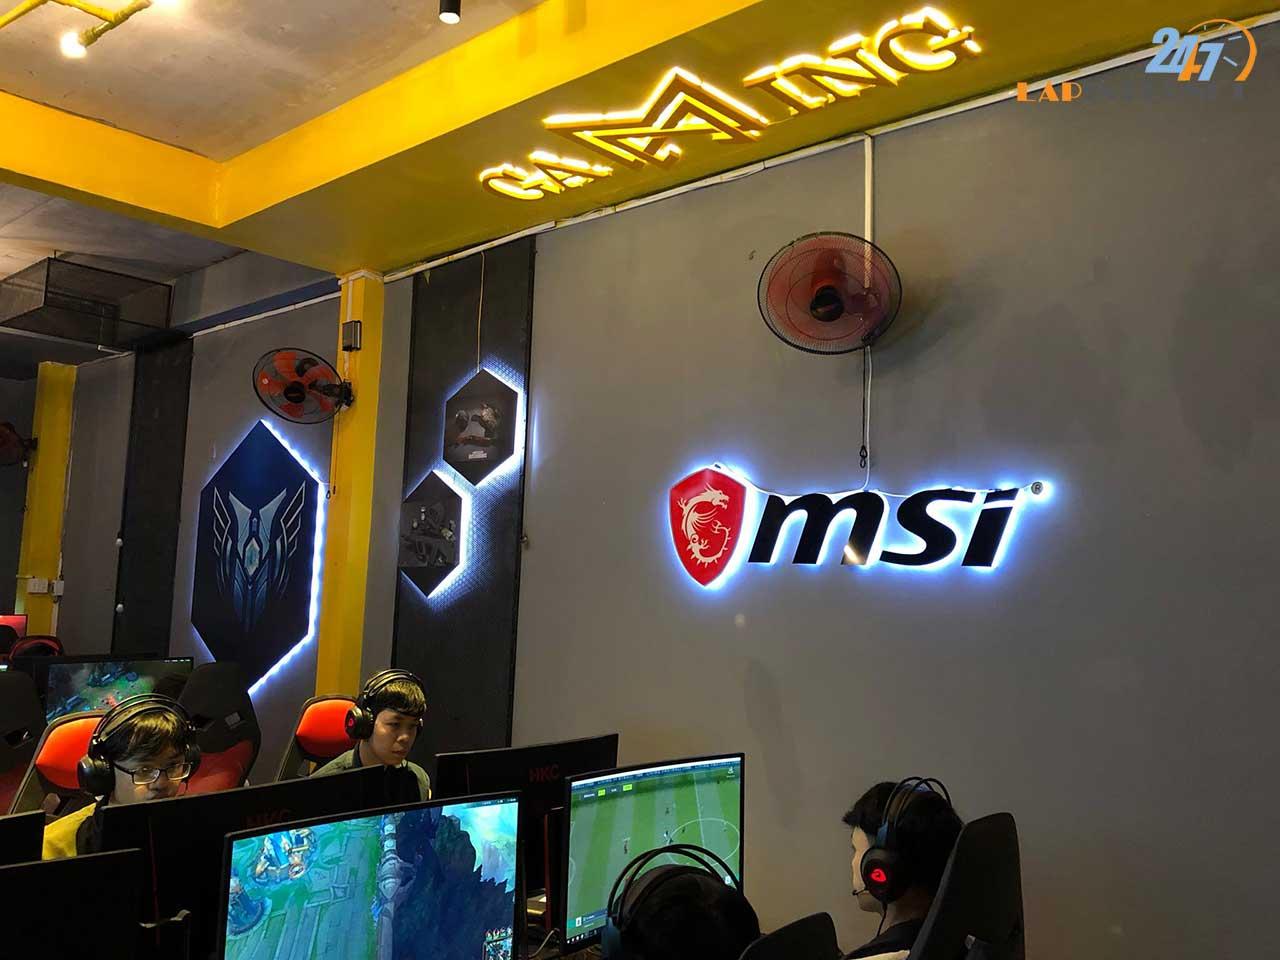 lap-dat-phong-net-tai-da-nang-lapinternet247.com-14